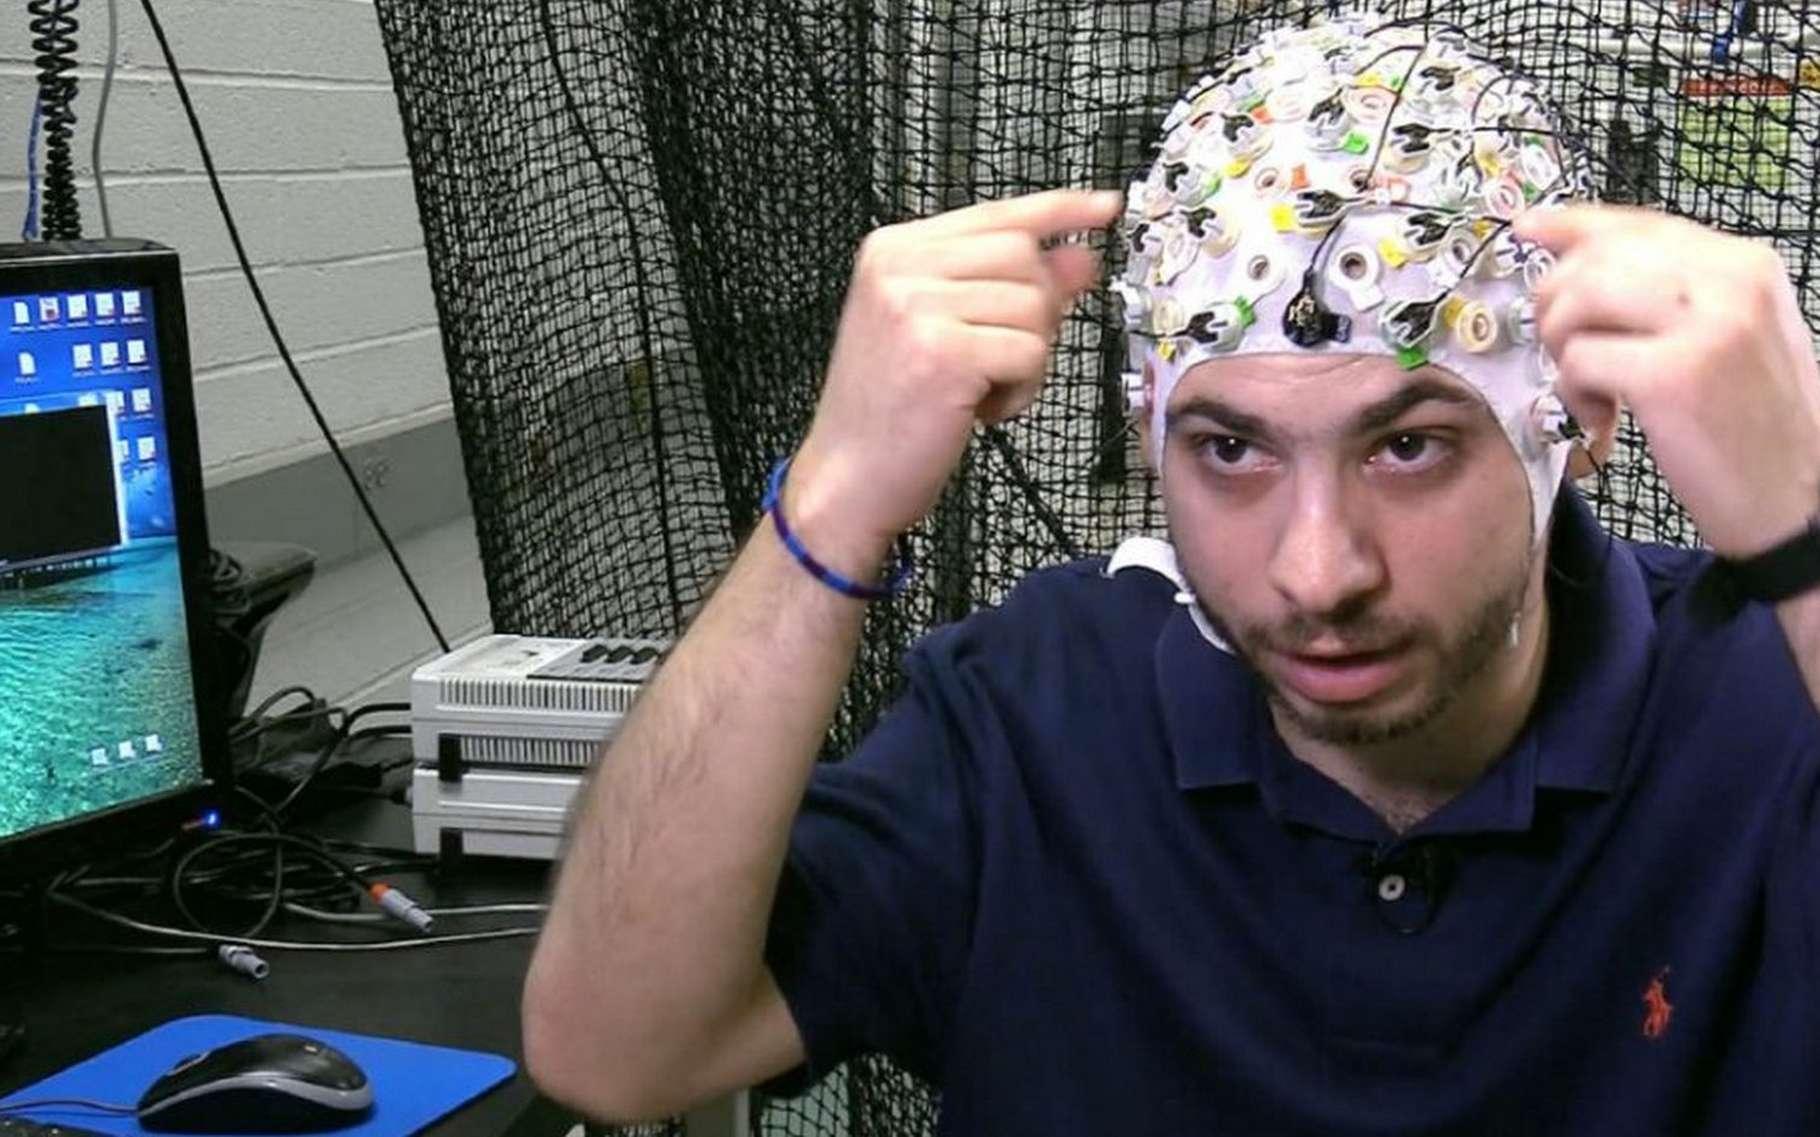 Les chercheurs de l'université d'État de l'Arizona ont découvert que notre cerveau est capable de gérer des groupes d'objets distincts du corps et que cette activité cérébrale spécifique est exploitable pour contrôler plusieurs drones simultanément. © Arizona State University